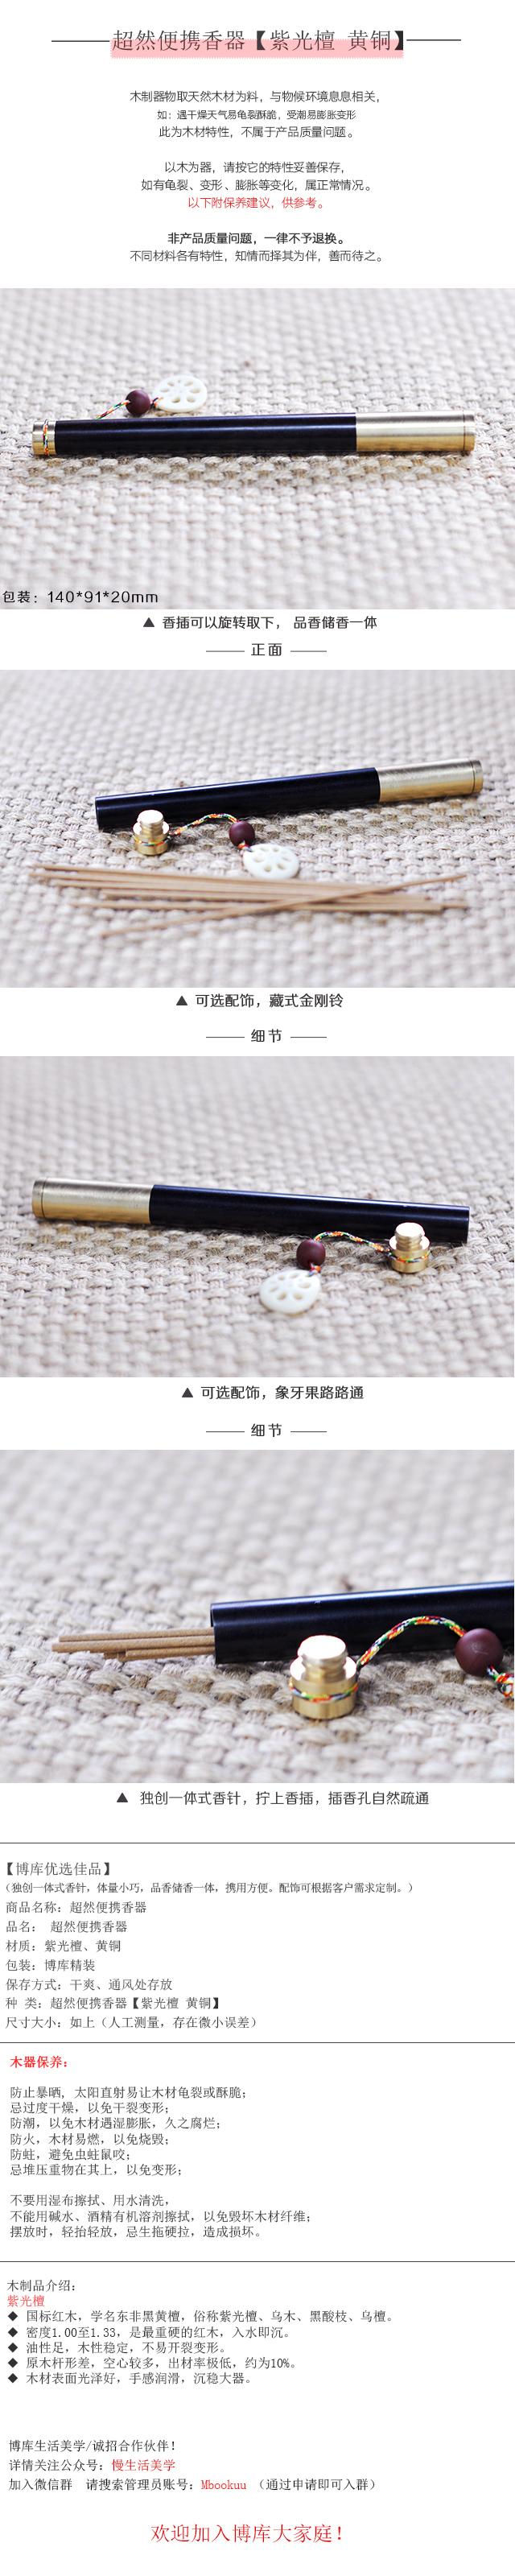 14超然便携香器0.jpg